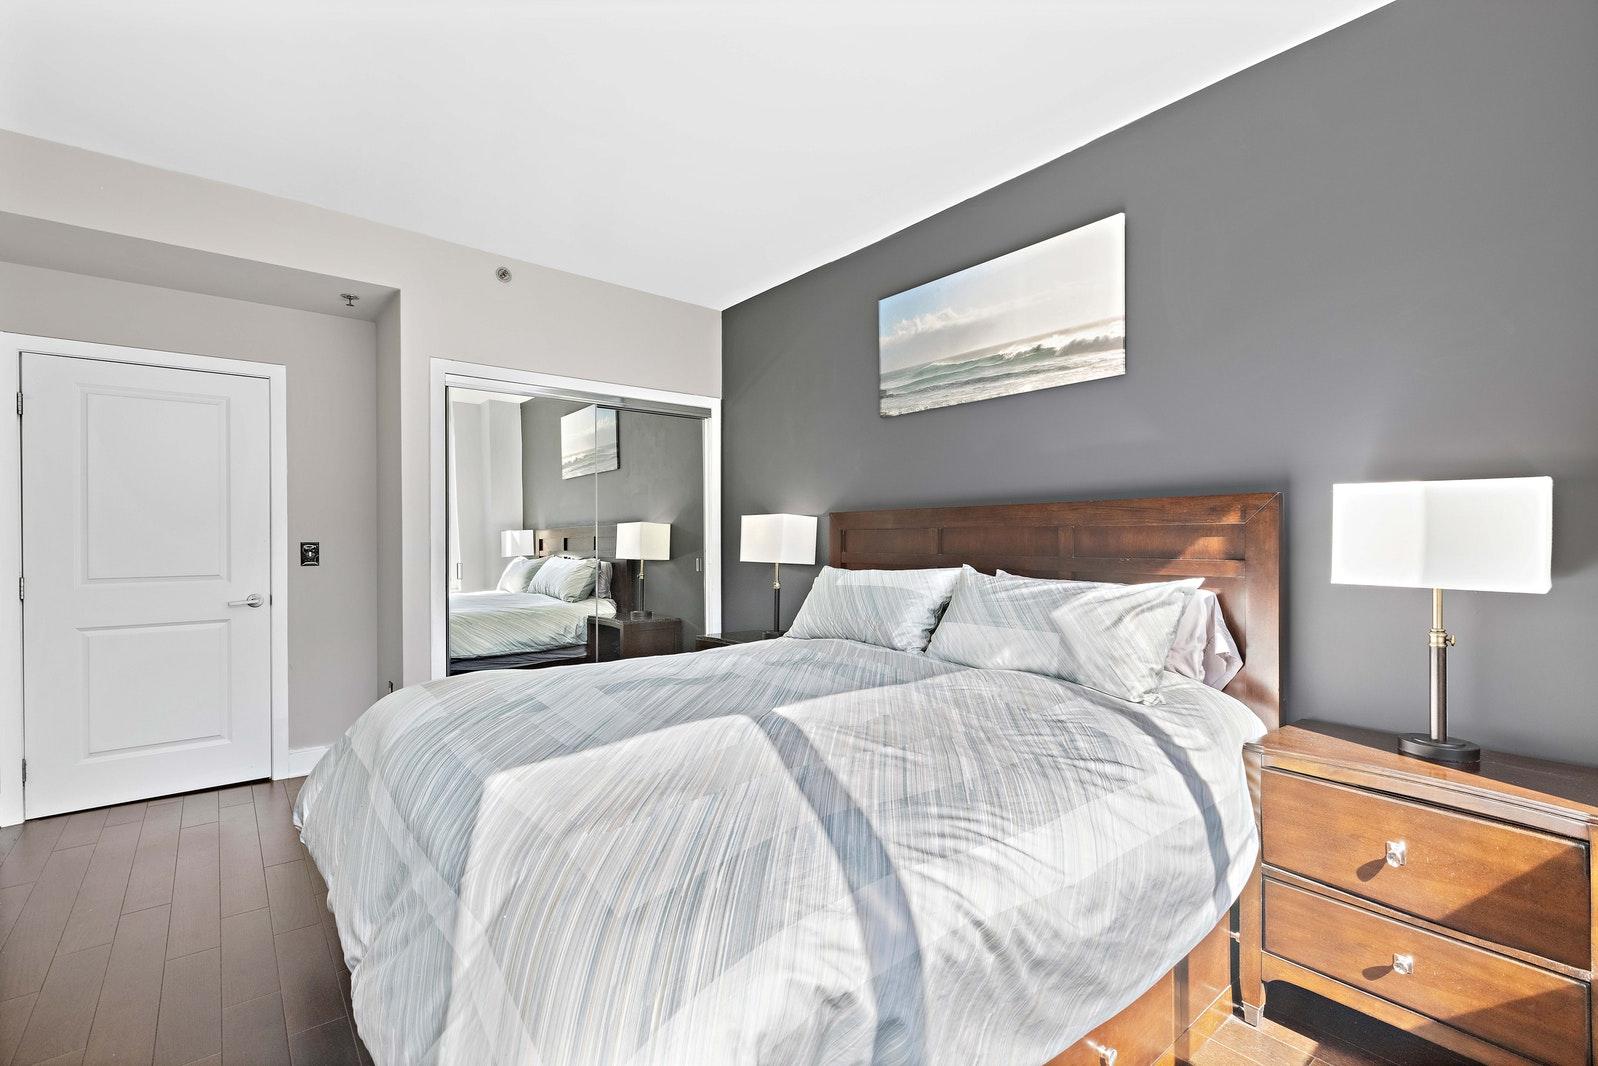 1100 MAXWELL LANE 416, Hoboken, $875,000, Web #: 20816105